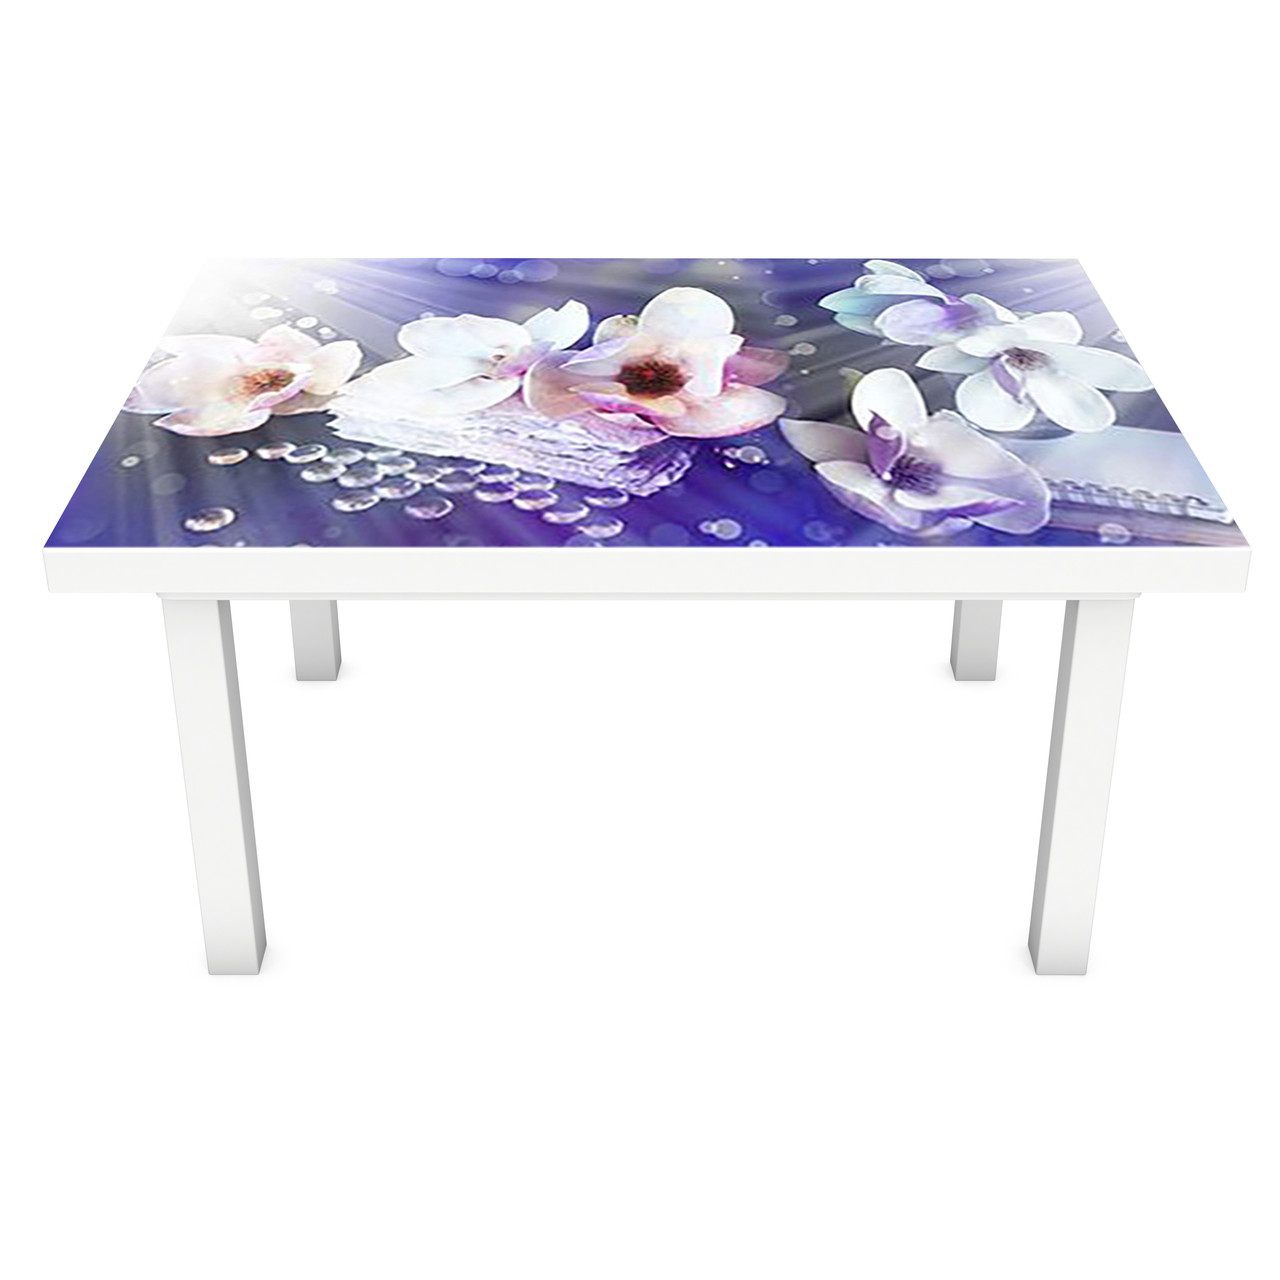 Наклейка на стол Солнечные Магнолии ПВХ интерьерная пленка для мебели цветы свет Синий 600*1200 мм